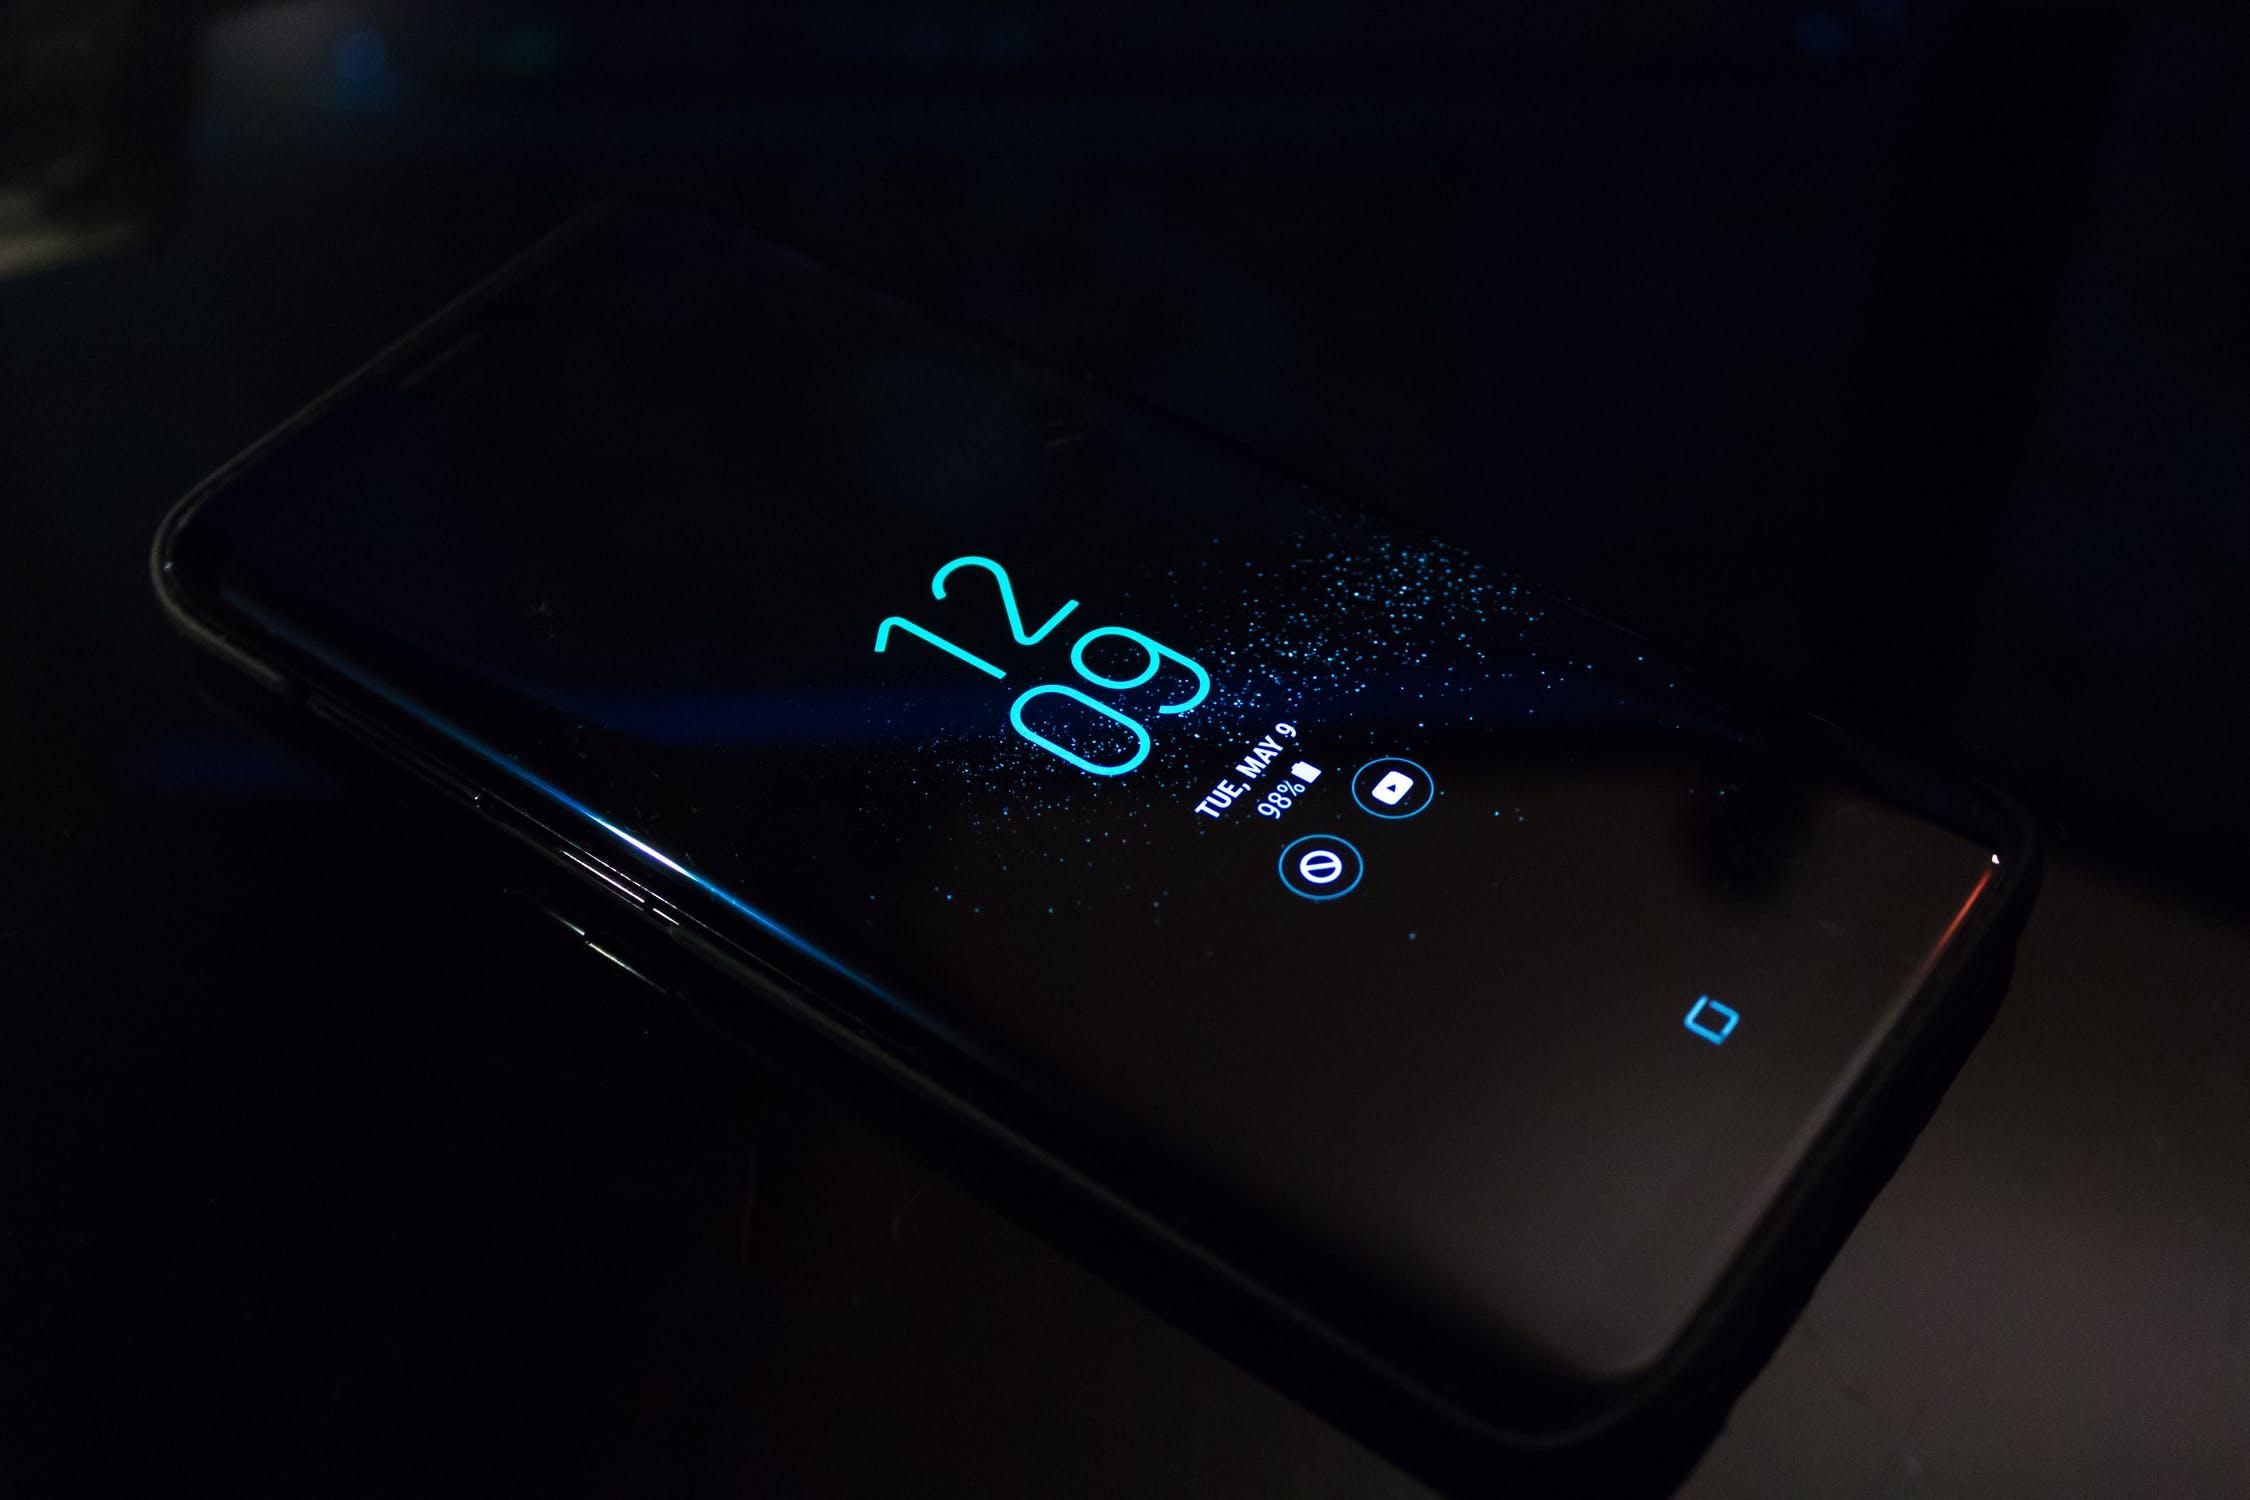 Как изменились смартфоны за 5 лет - экран смартфона